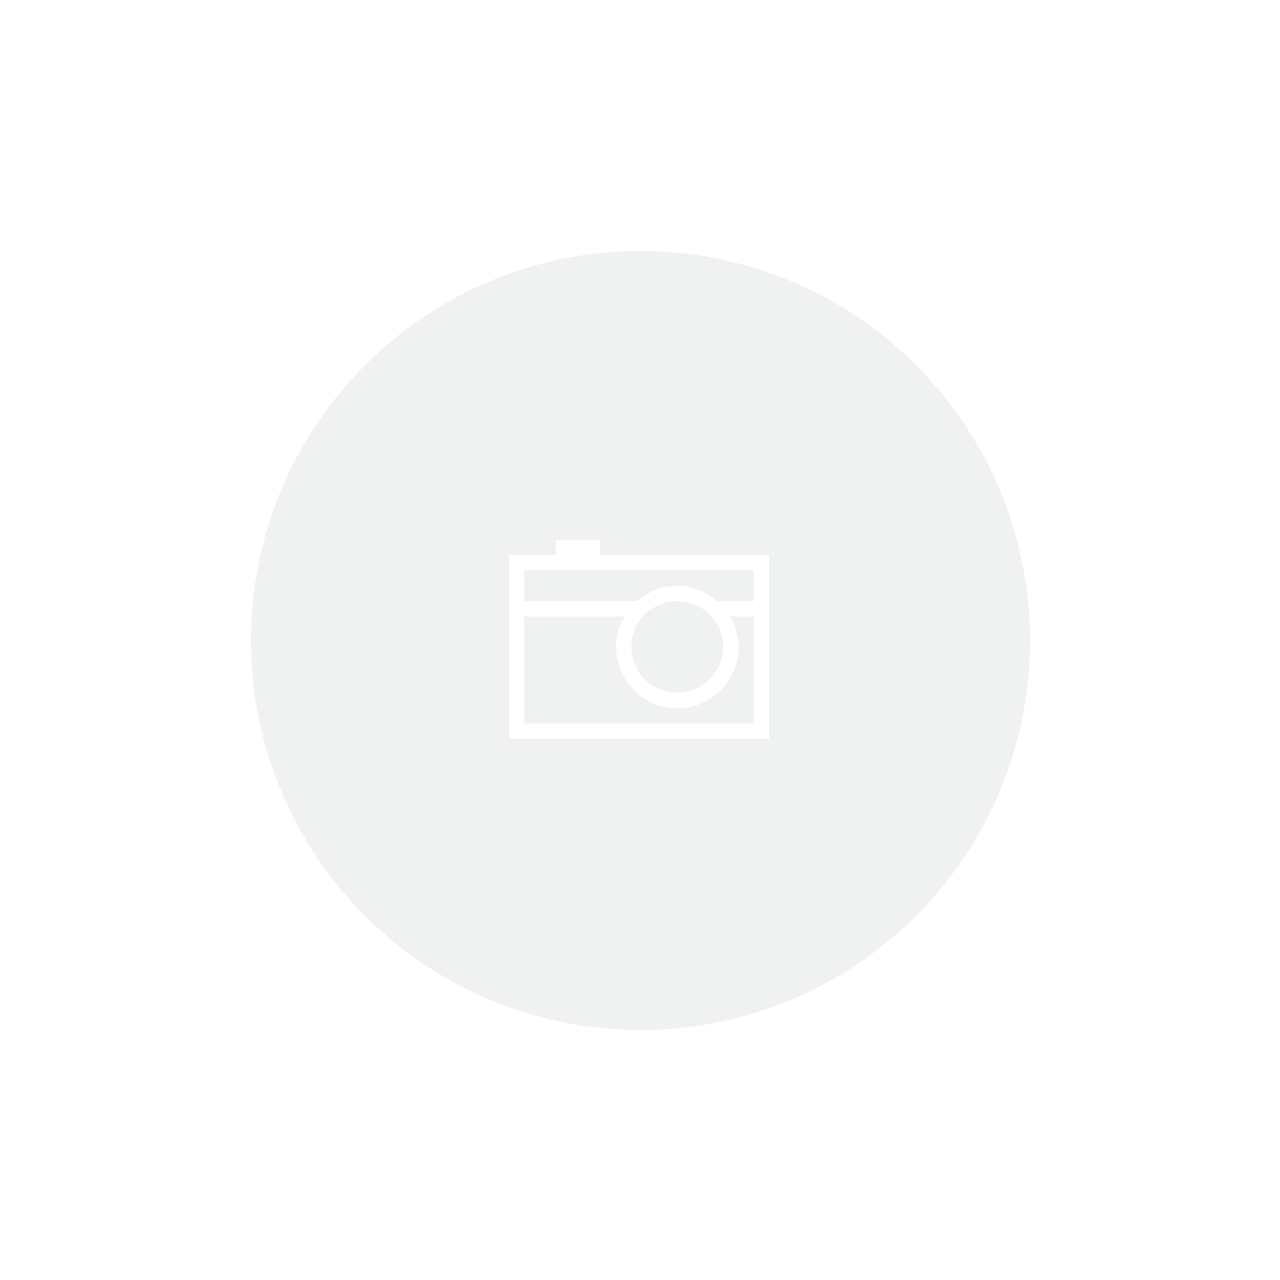 Maçarico 12,5 cm Plas/alum. Preto